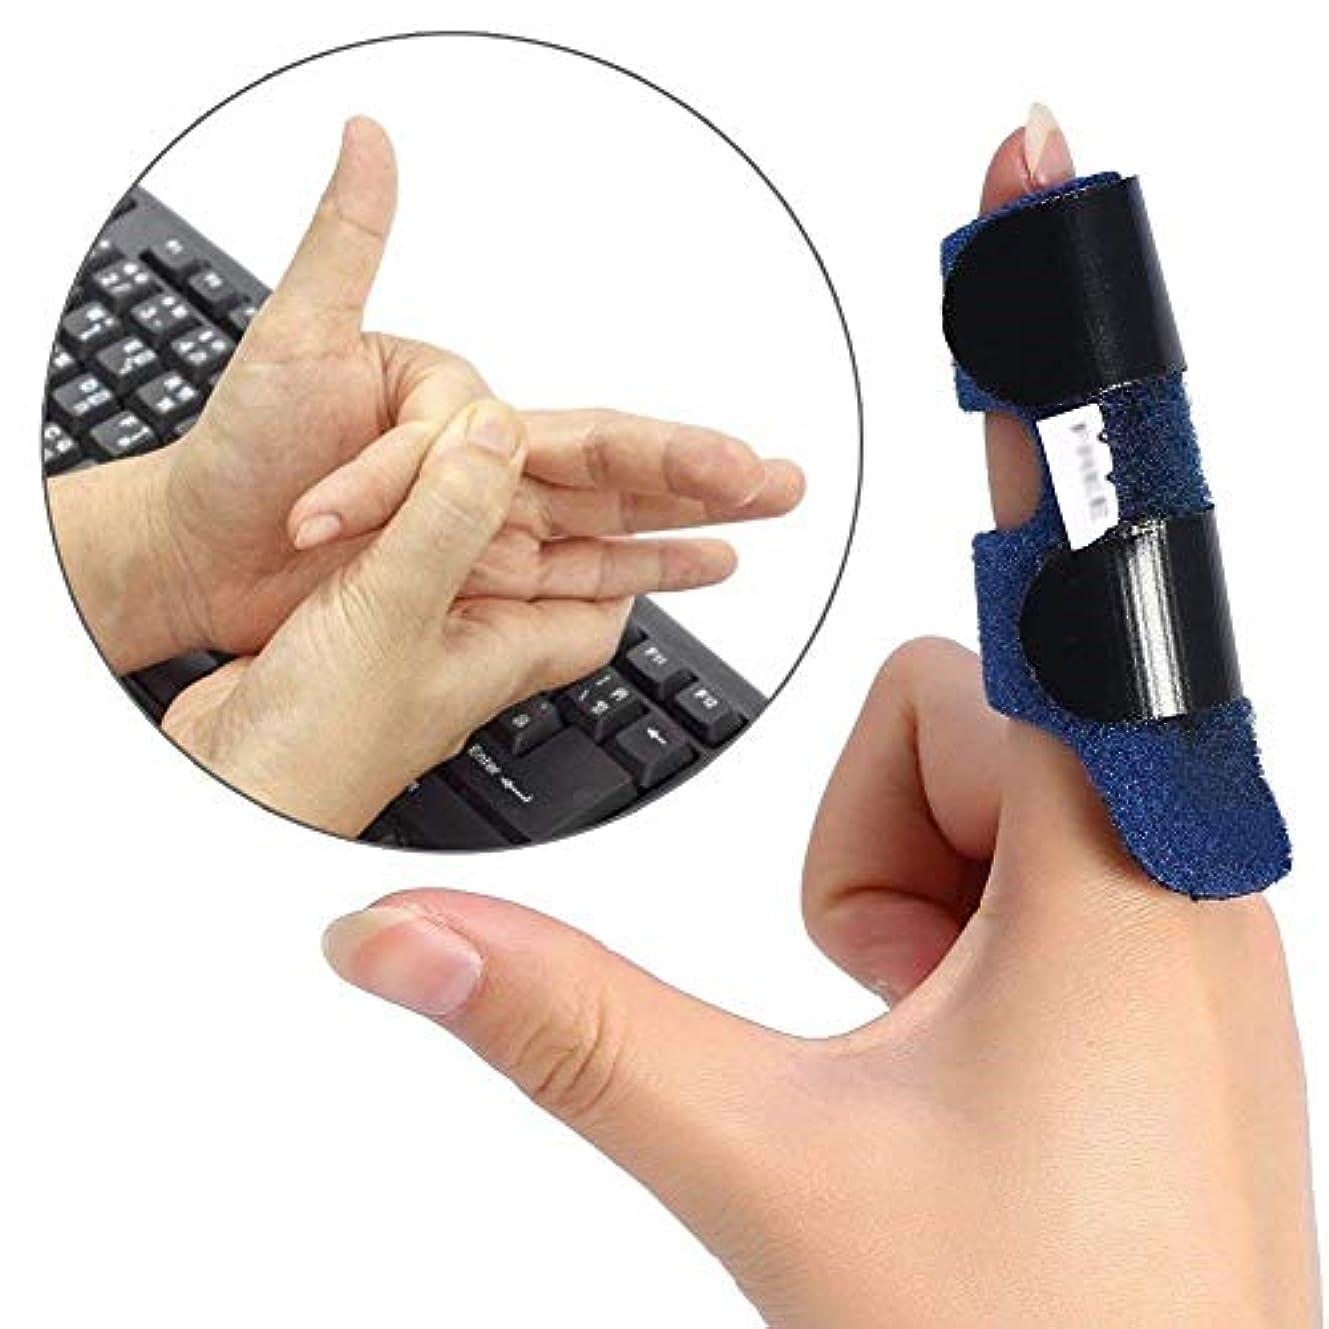 夕方芸術的エアコンすべての指トリガーの指矯正ブレースに適した指の怪我のサポート-内蔵のアルミニウム調整可能ストラップ